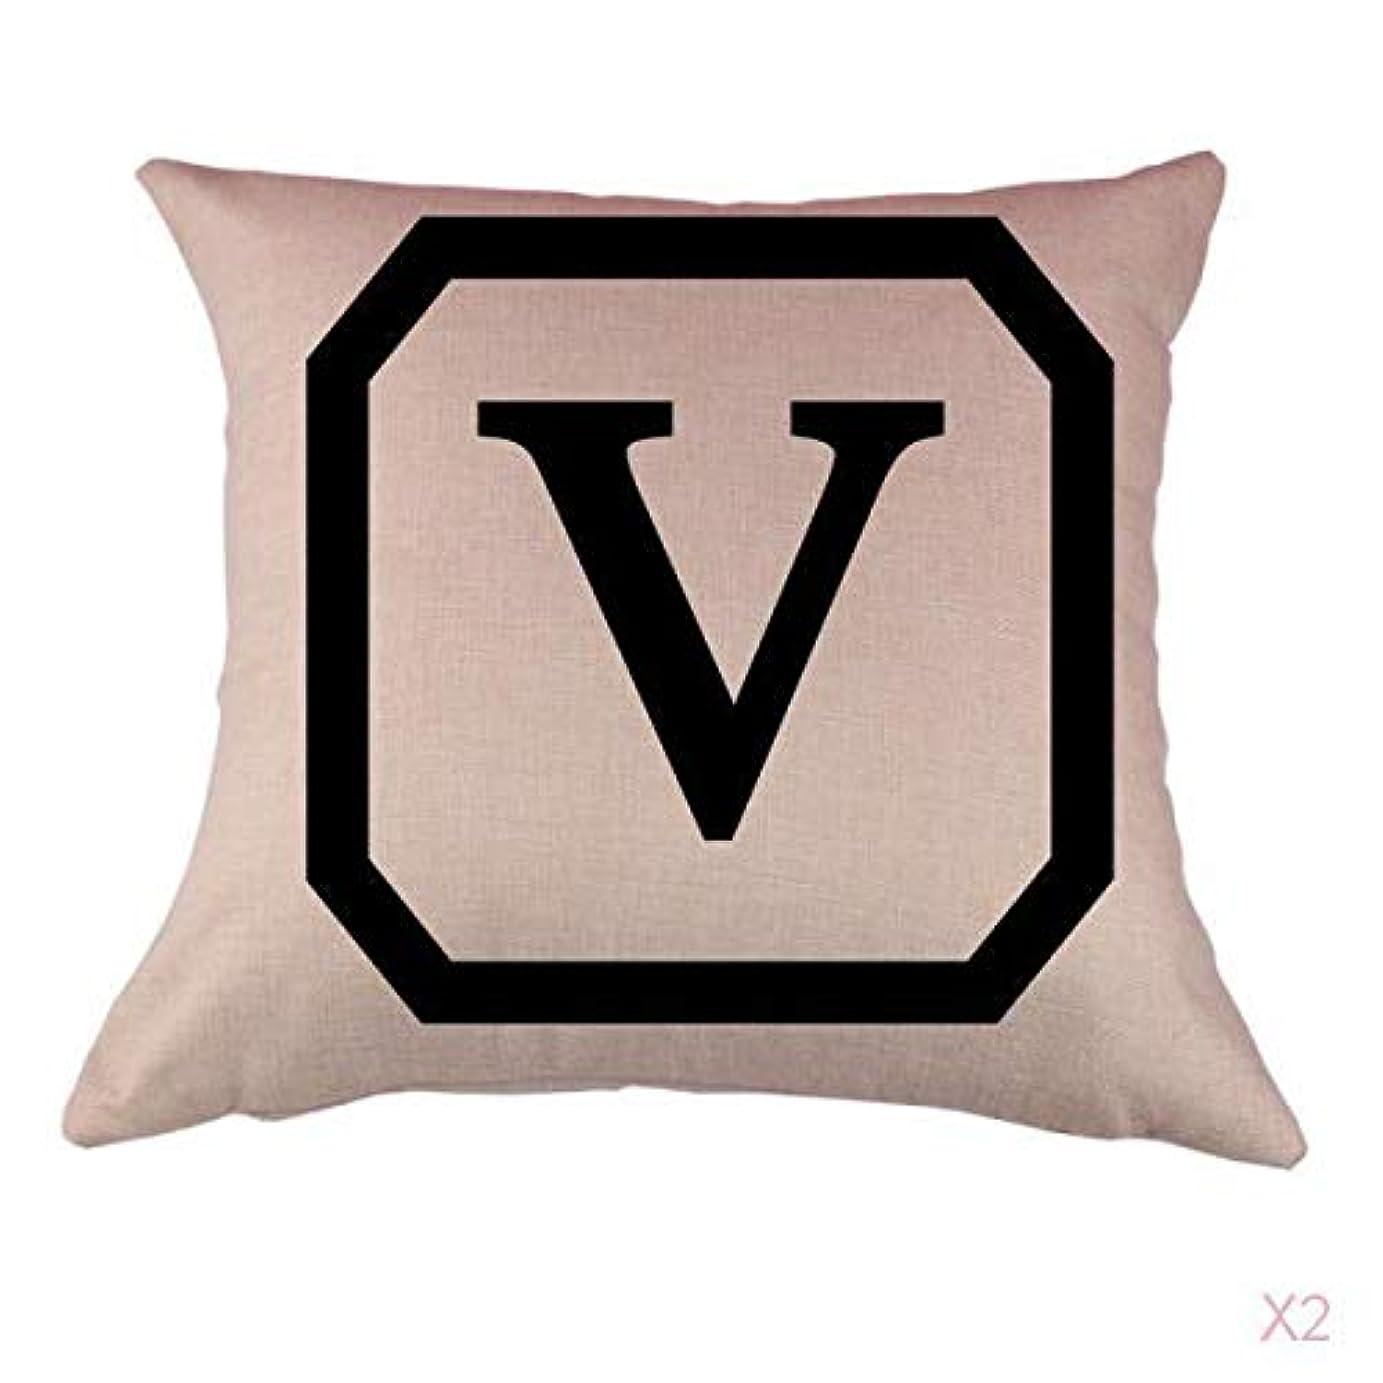 エキゾチックコード感嘆符コットンリネンスロー枕カバークッションカバー家の装飾、初期文字v